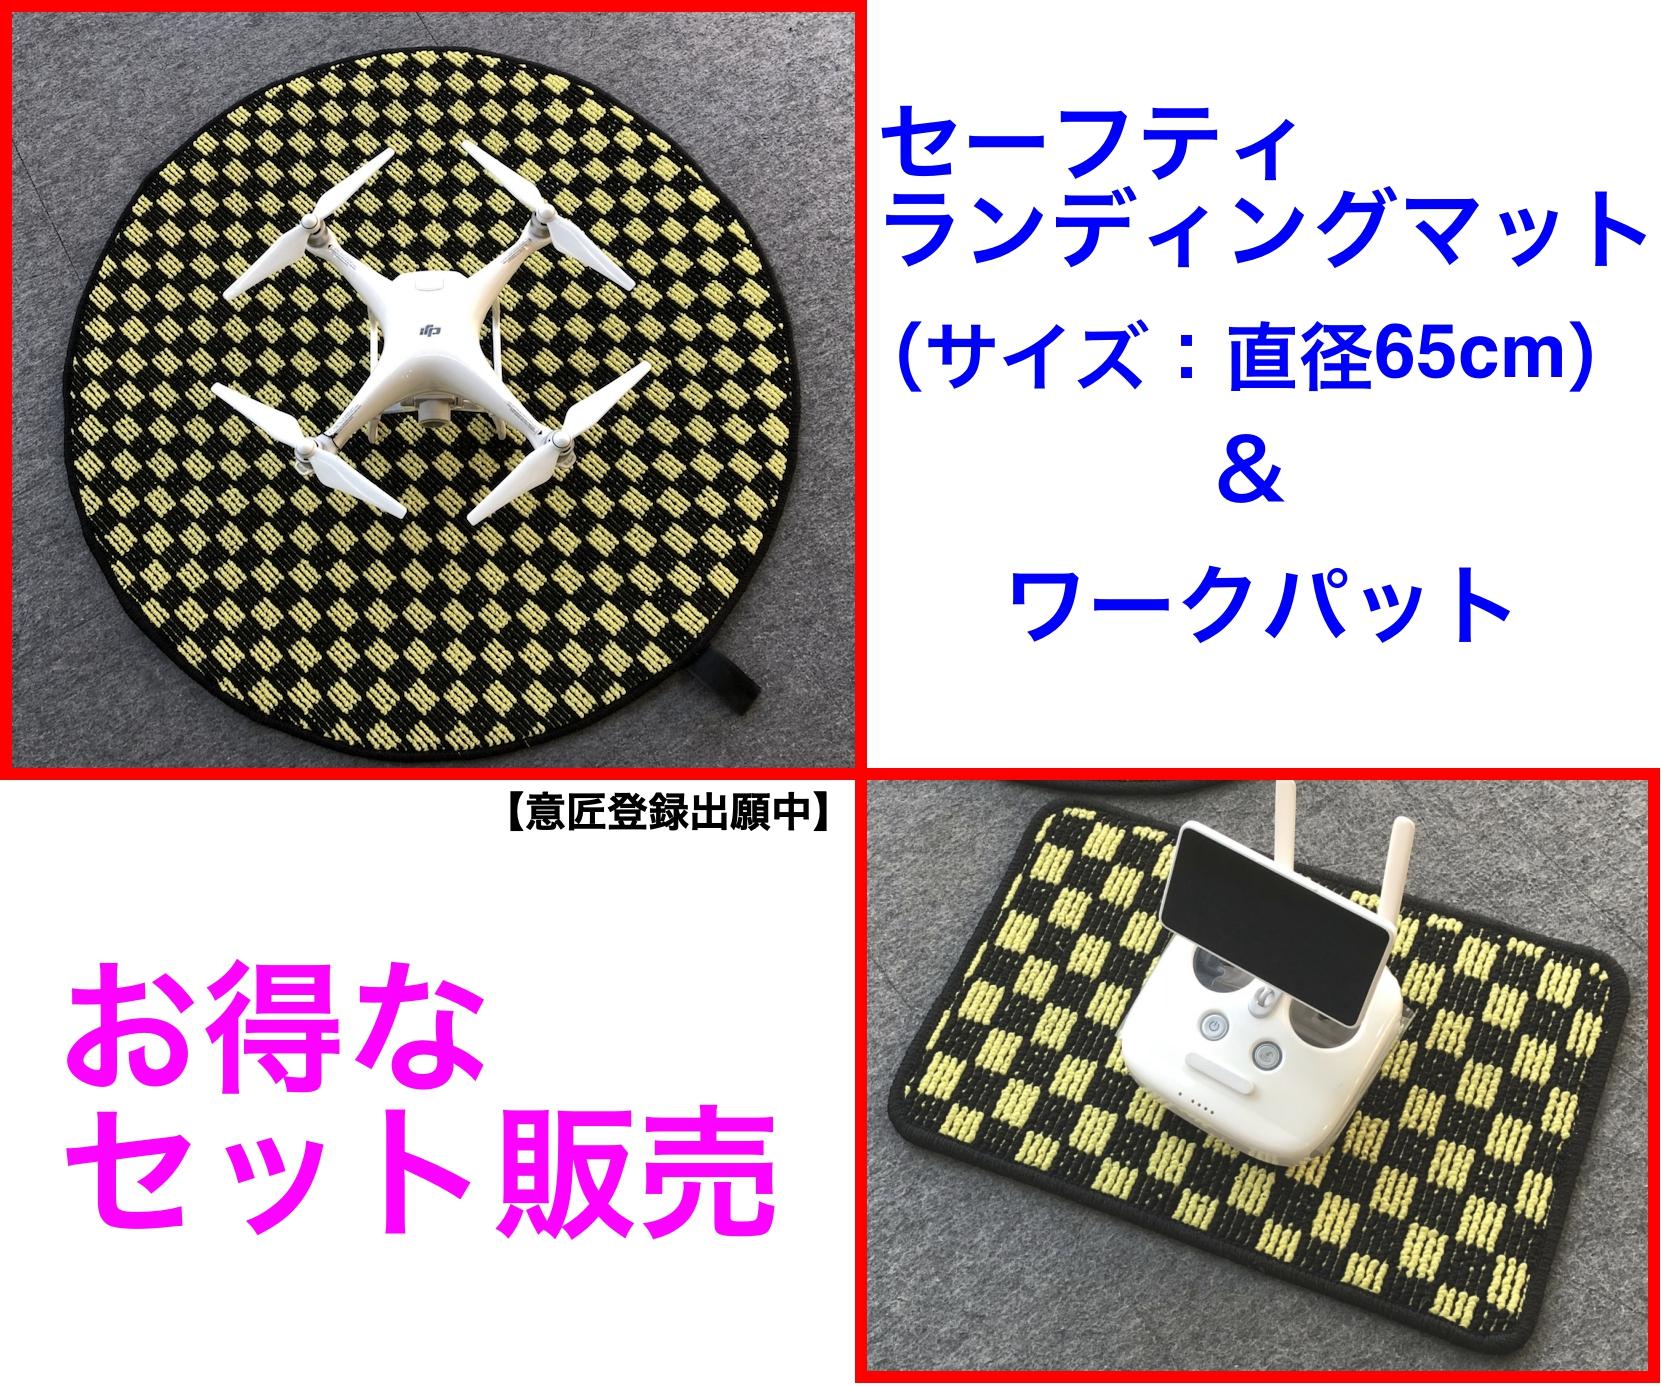 【お得セット】ドローン用ワークパット&直径:90cmセーフティマット セット※3色から選べます。